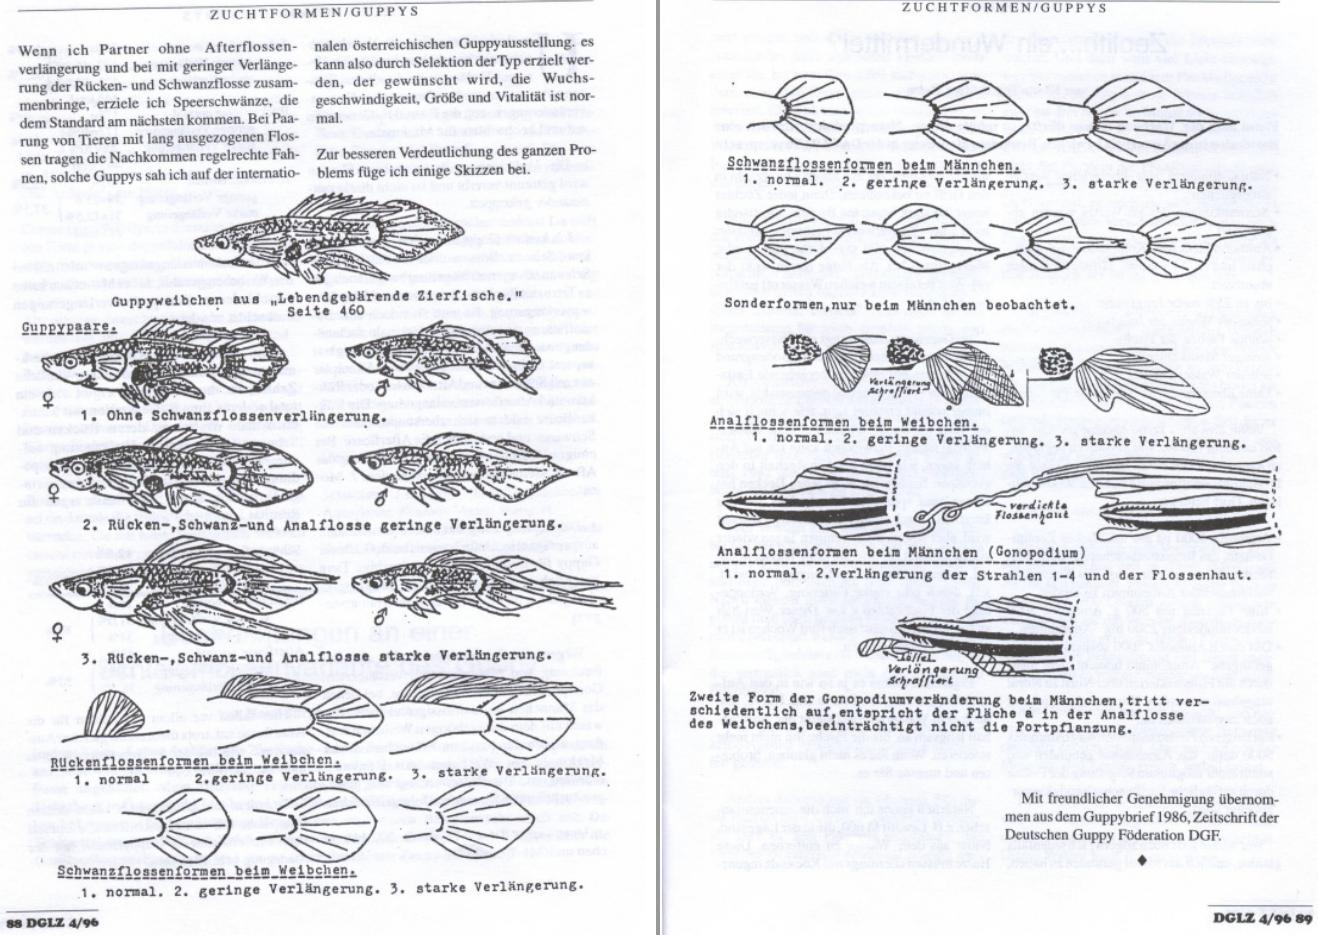 964-dglz_4-1996p88-89.png